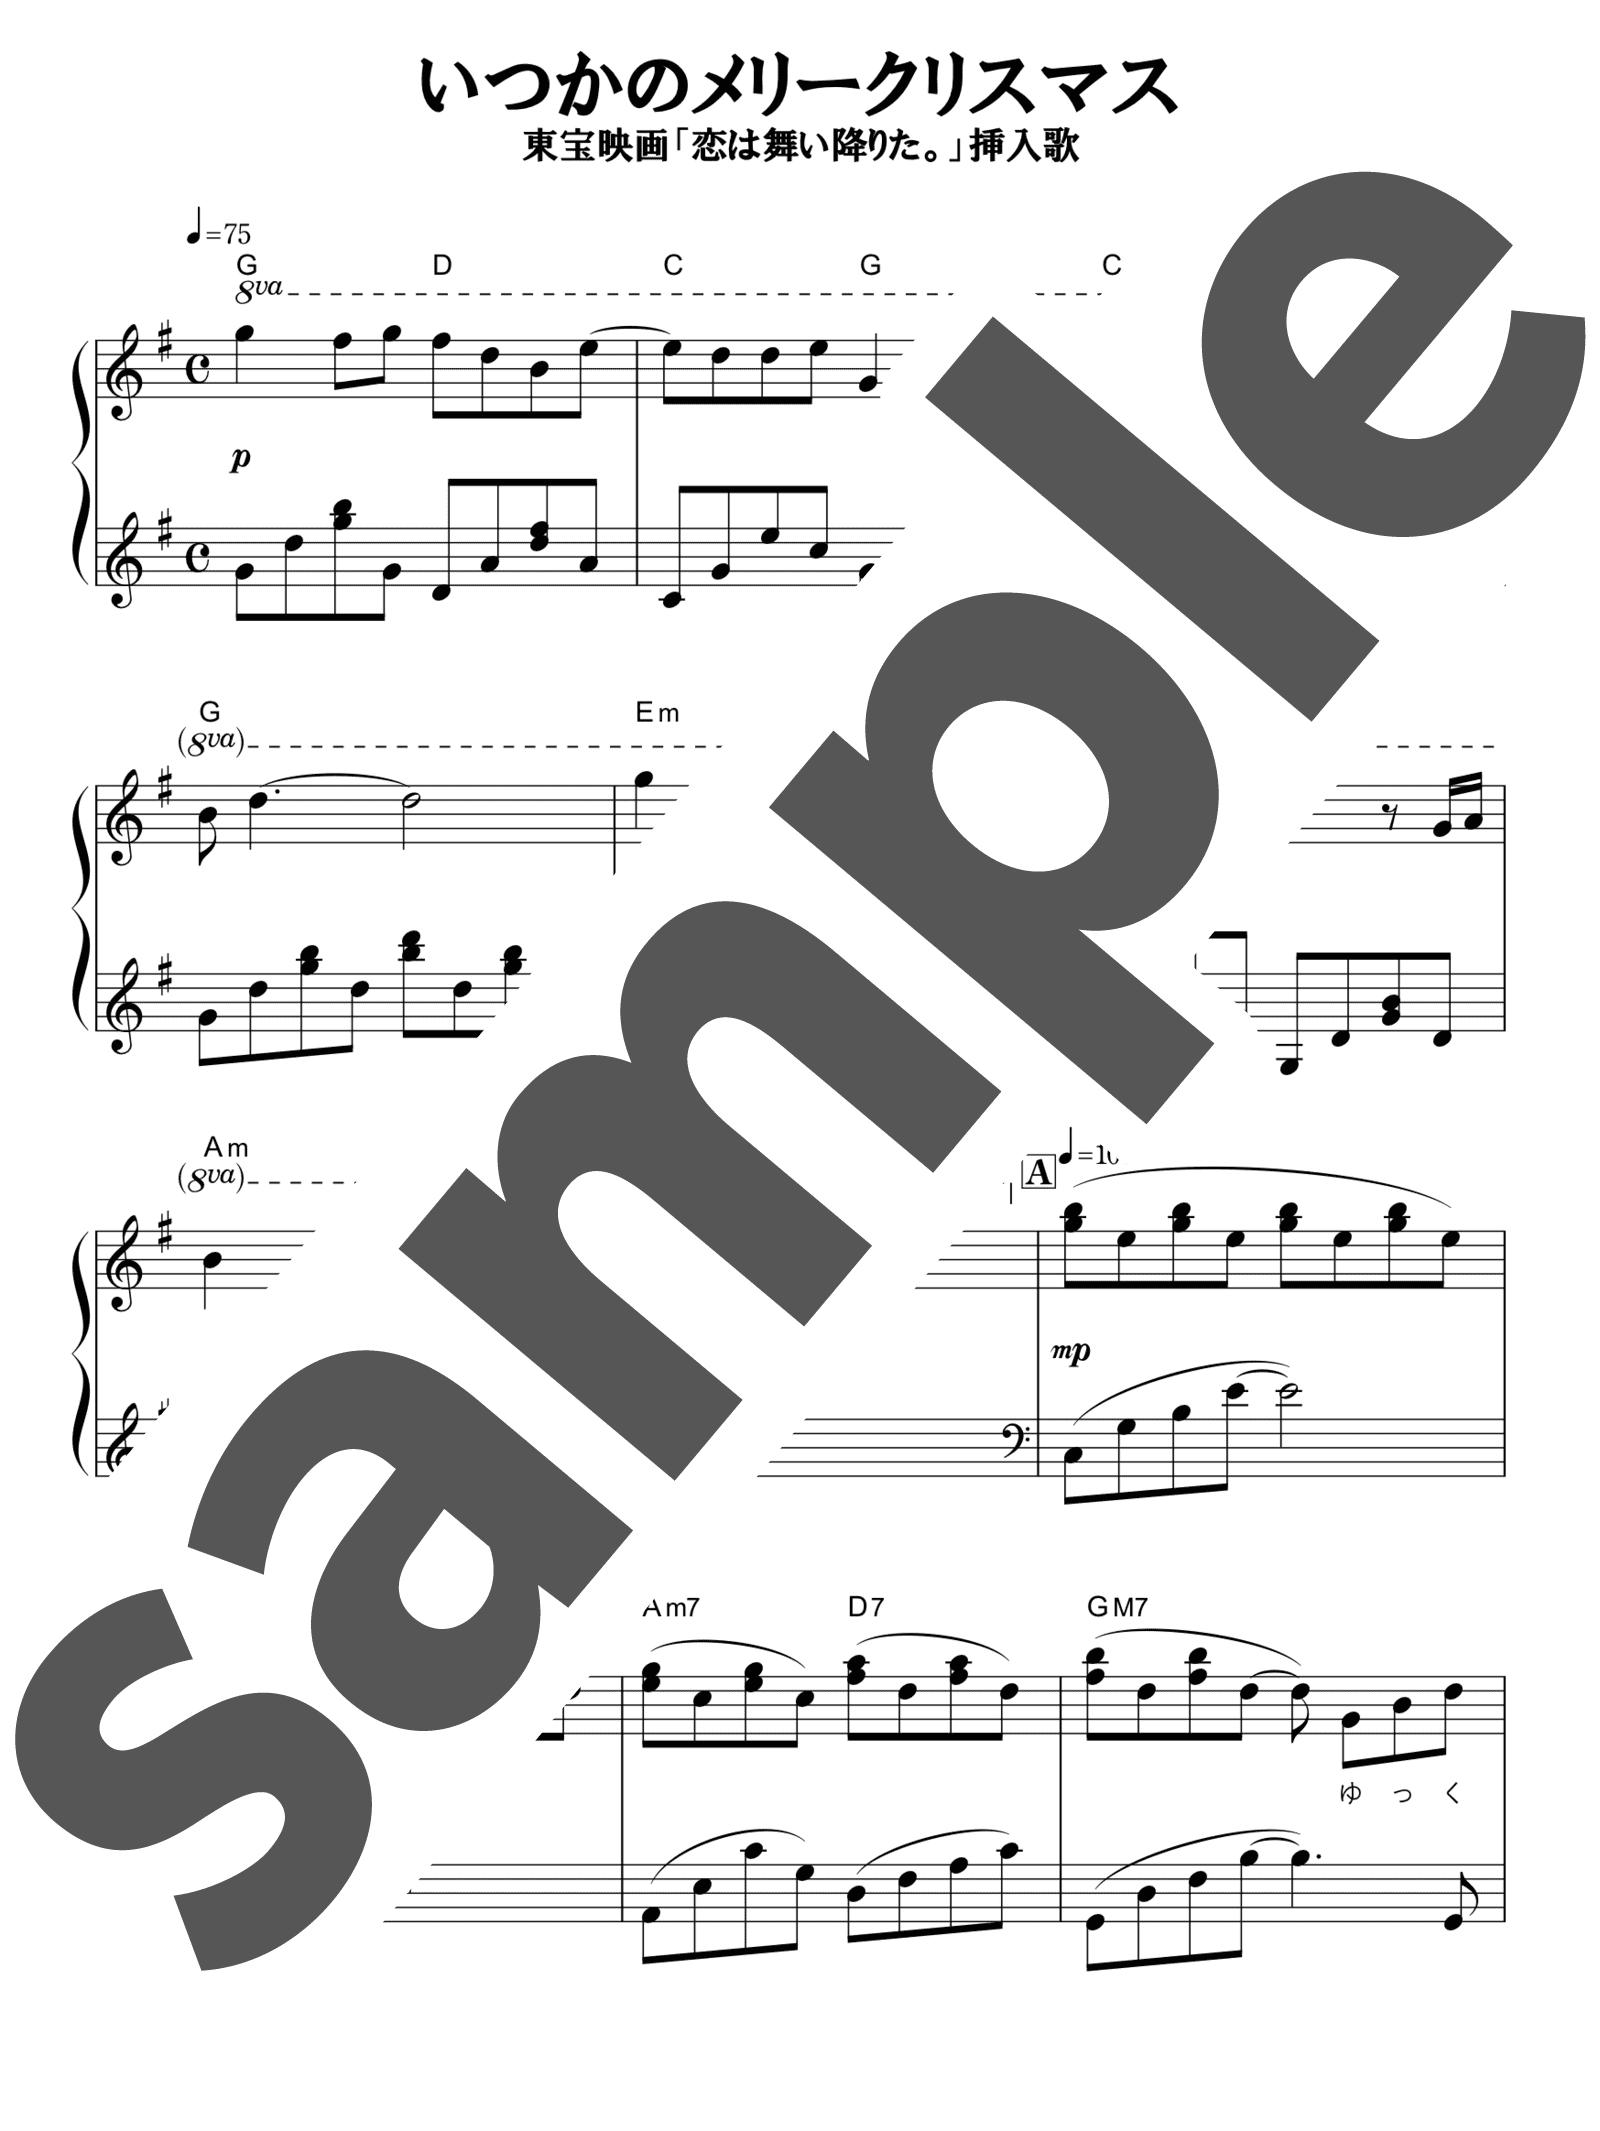 「いつかのメリークリスマス」のサンプル楽譜